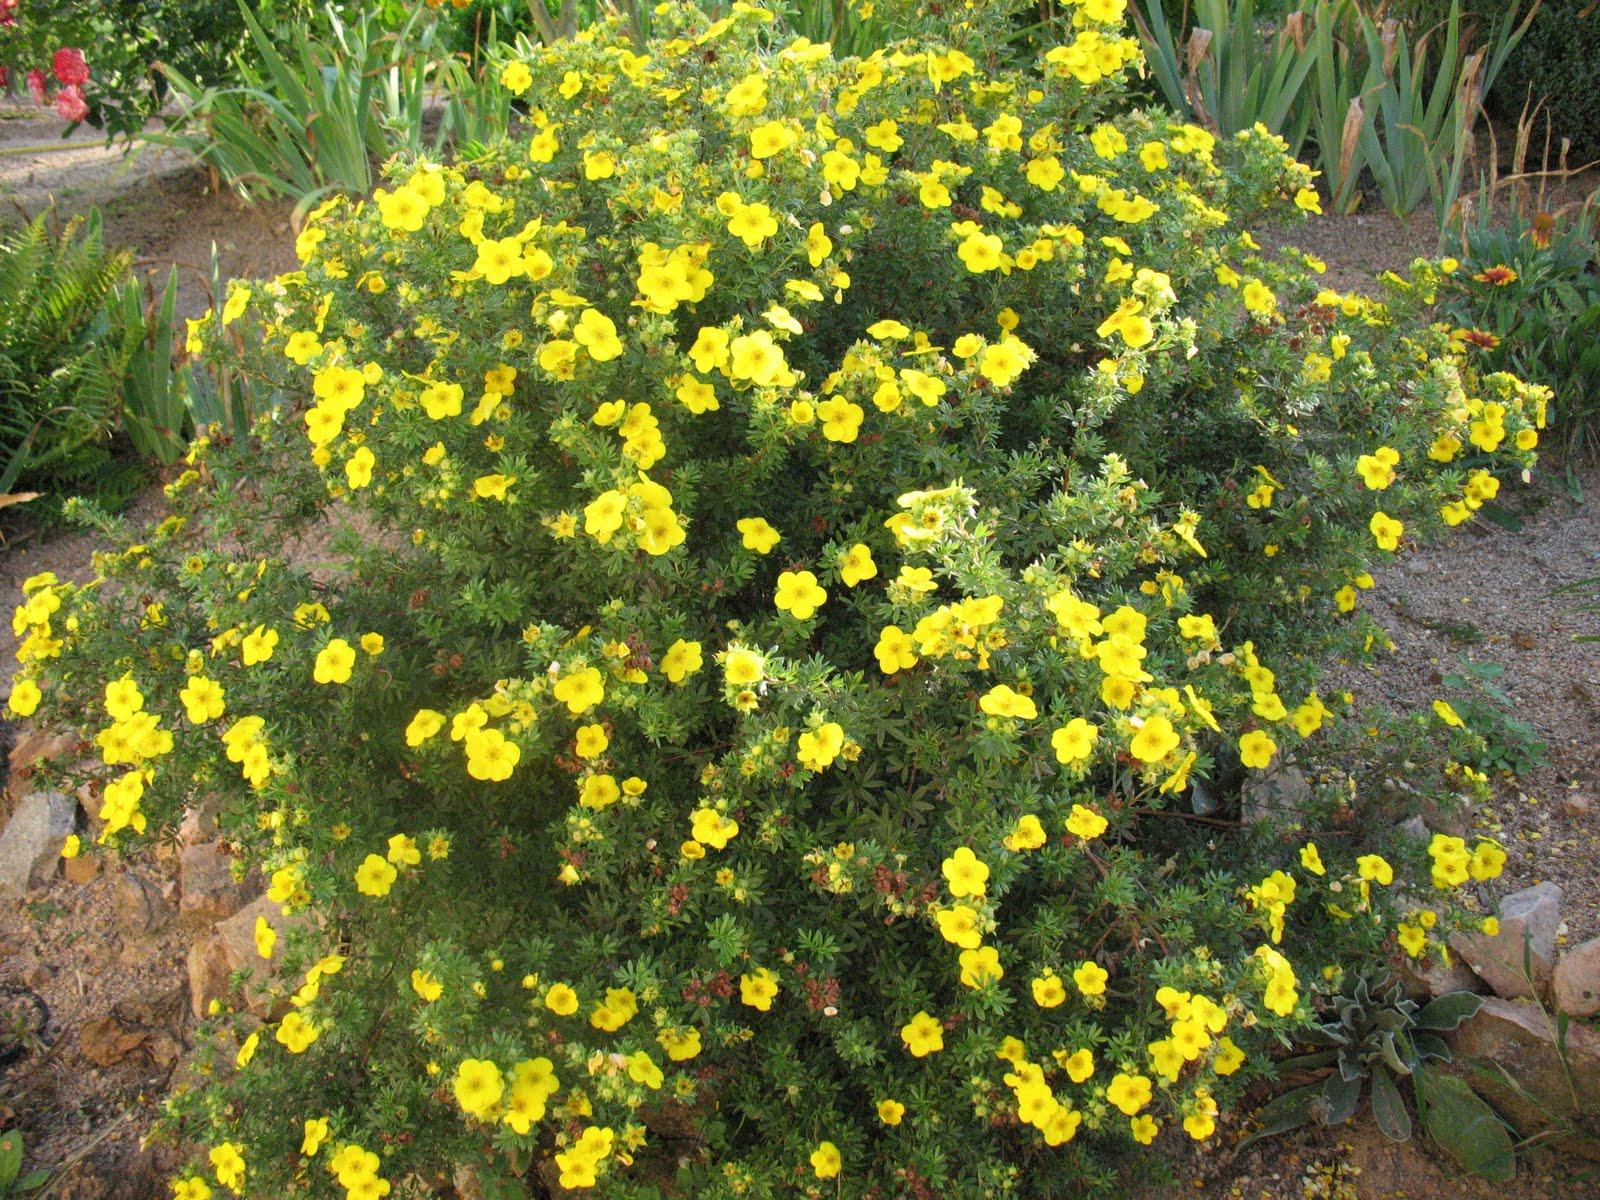 Декоративные кустарники цветущие желтыми цветами